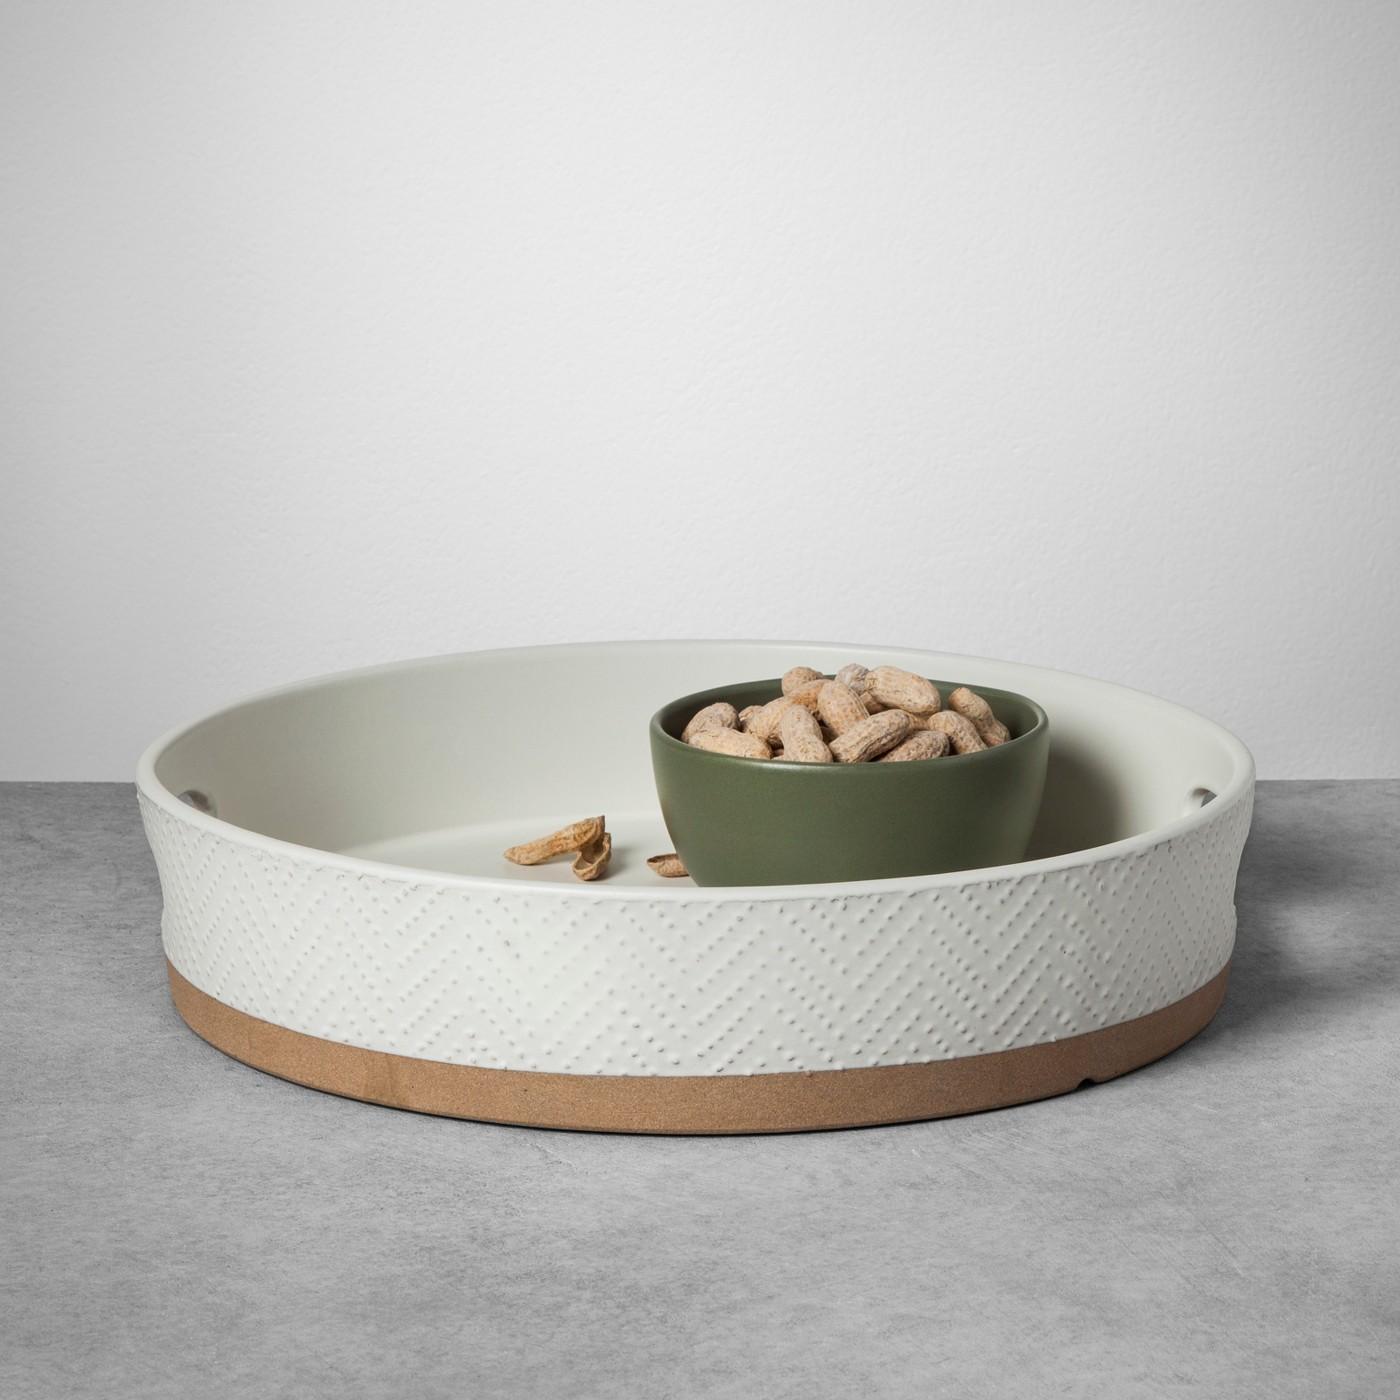 Stoneware Tray - Cream - Hearth & Hand™ with Magnolia